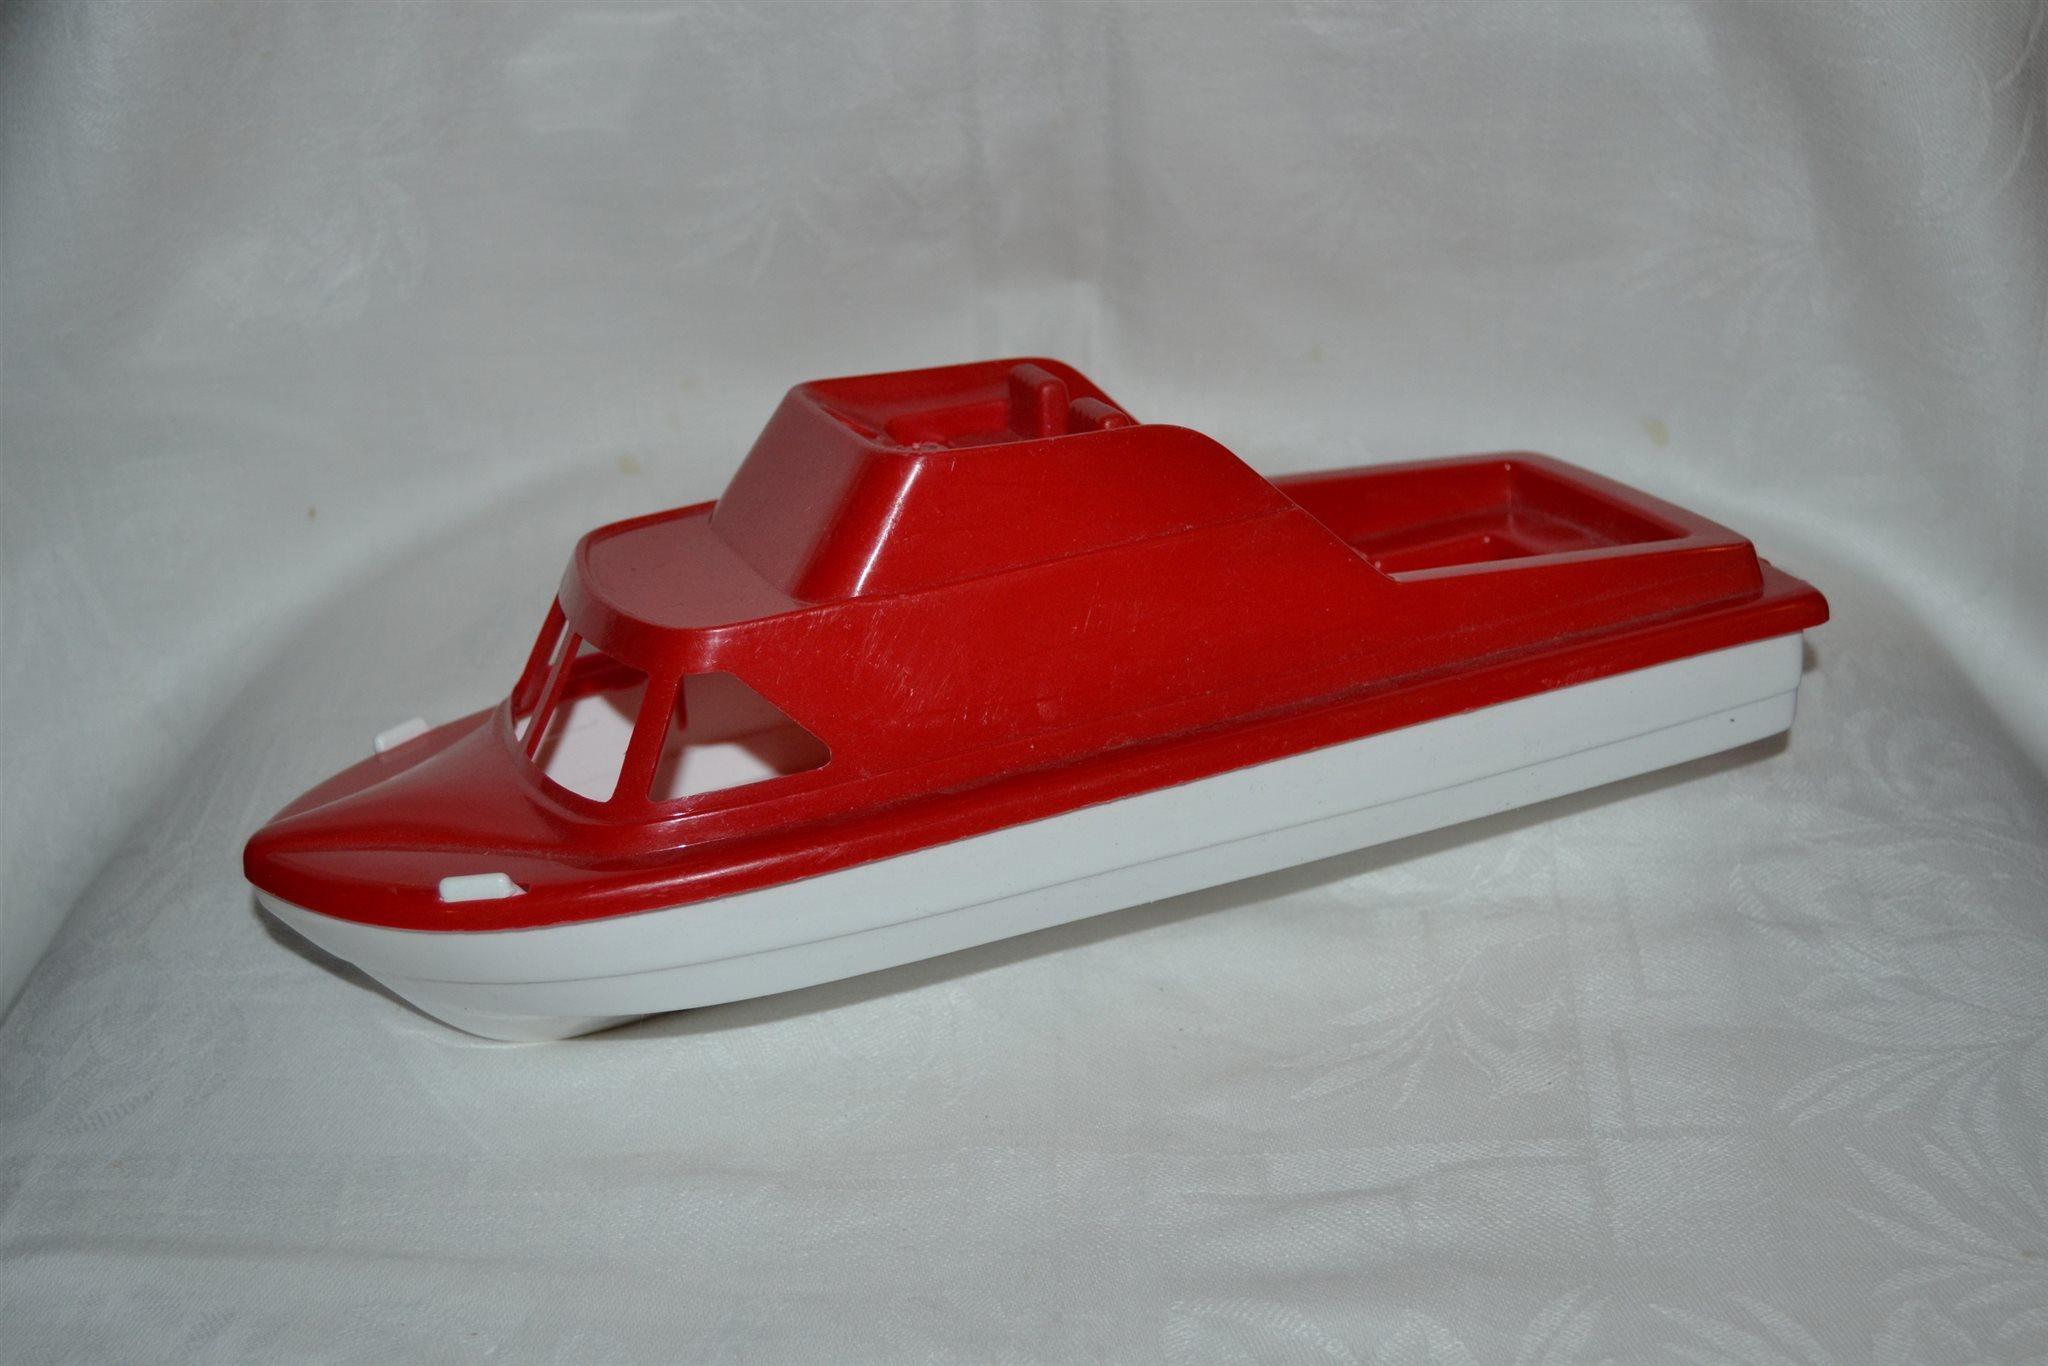 leksaksbåt i plast